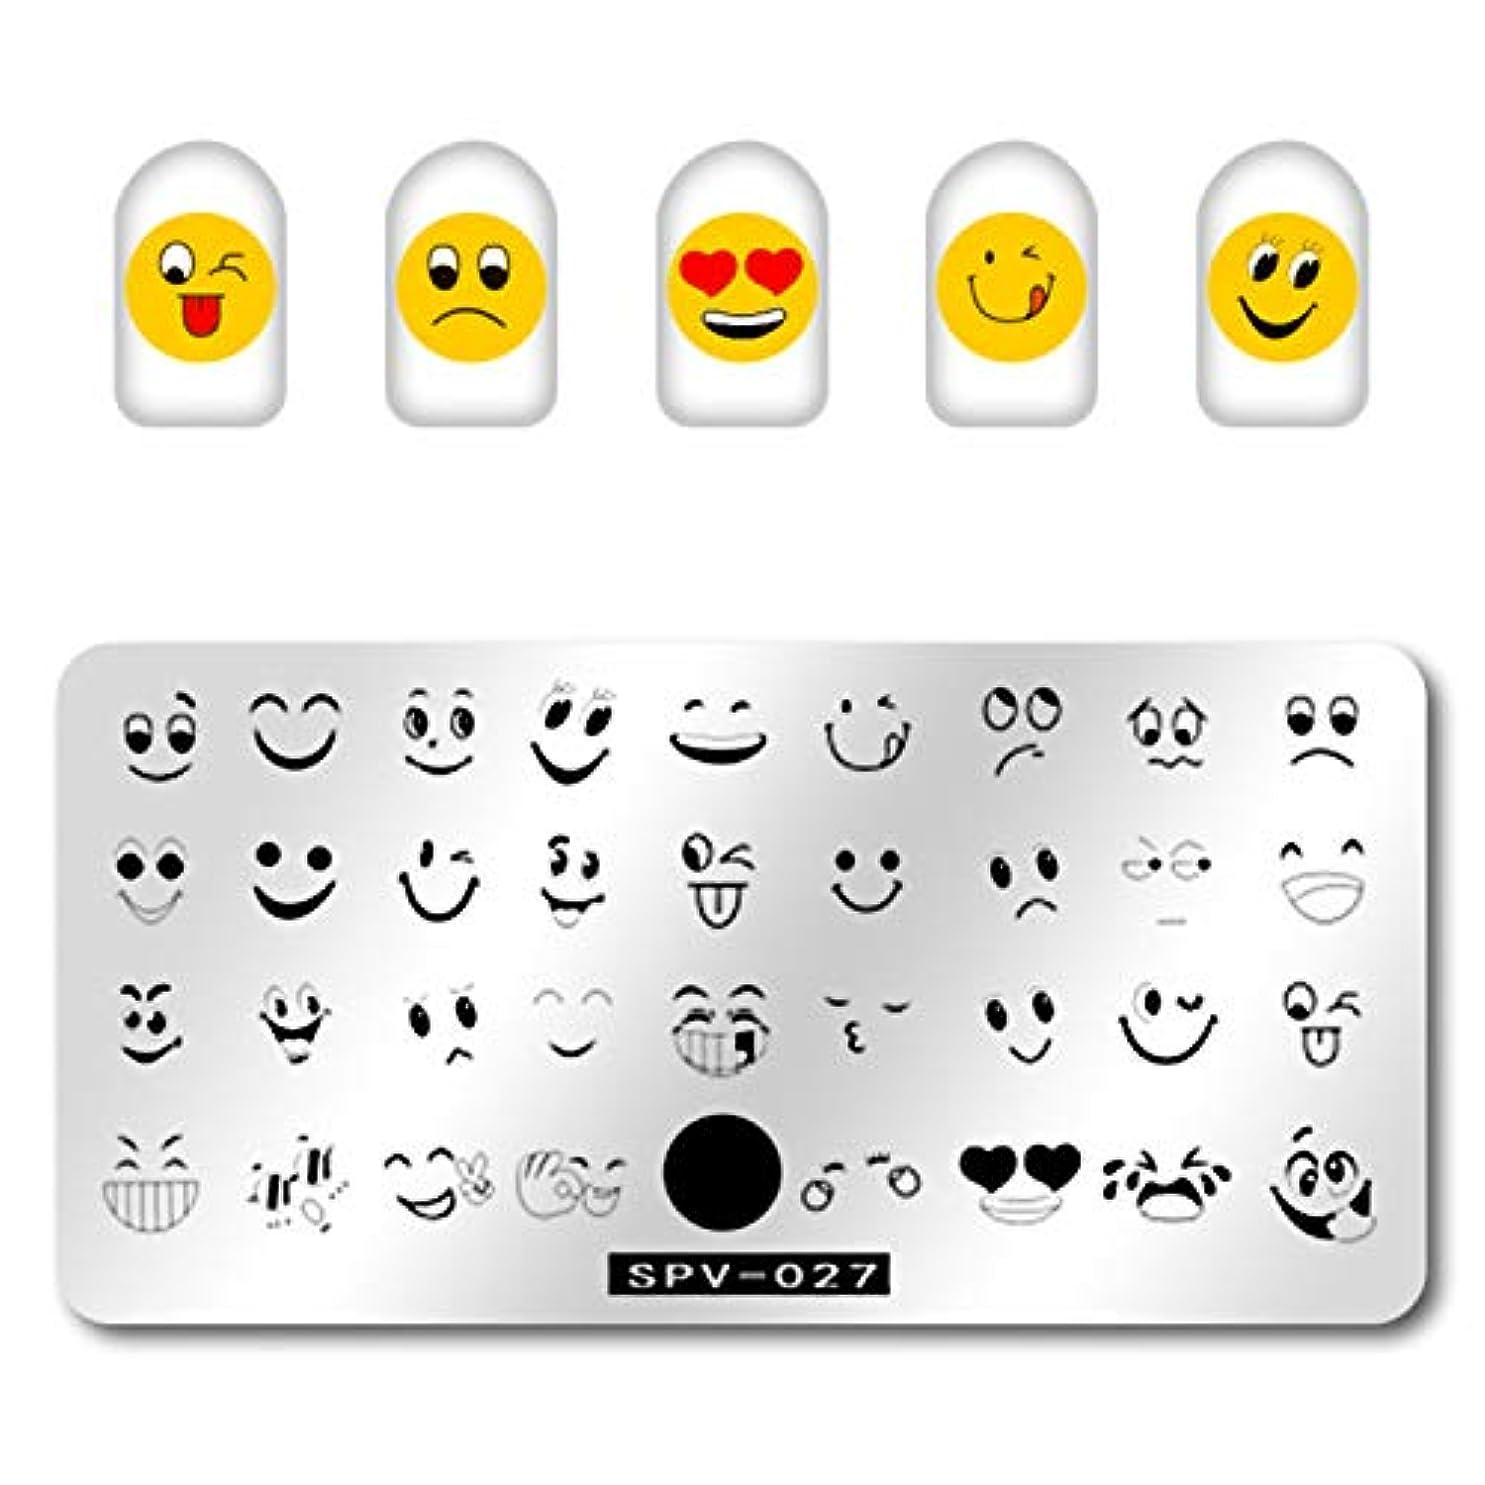 怒り崖疑問に思うOU-Kunmlef 1Pcs New Stainless Steel Flower Emoji Star DIY Nail Art Image Stamp Stamping Plates Manicure Template Nail Stamping Plates(None one size H07)